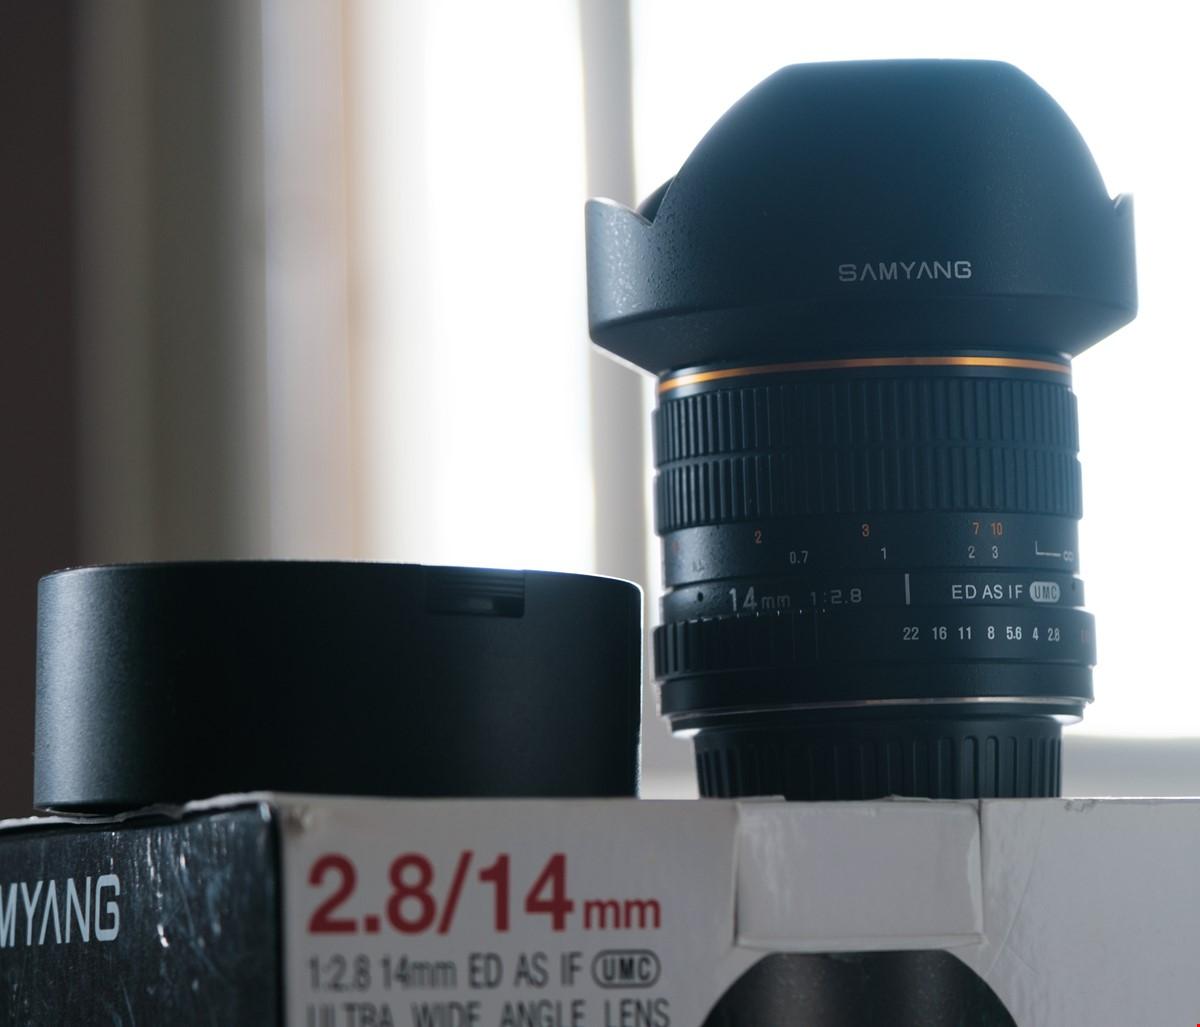 Samyang 14mm f/2.8 ultravidvinkel för Canon EF-mount